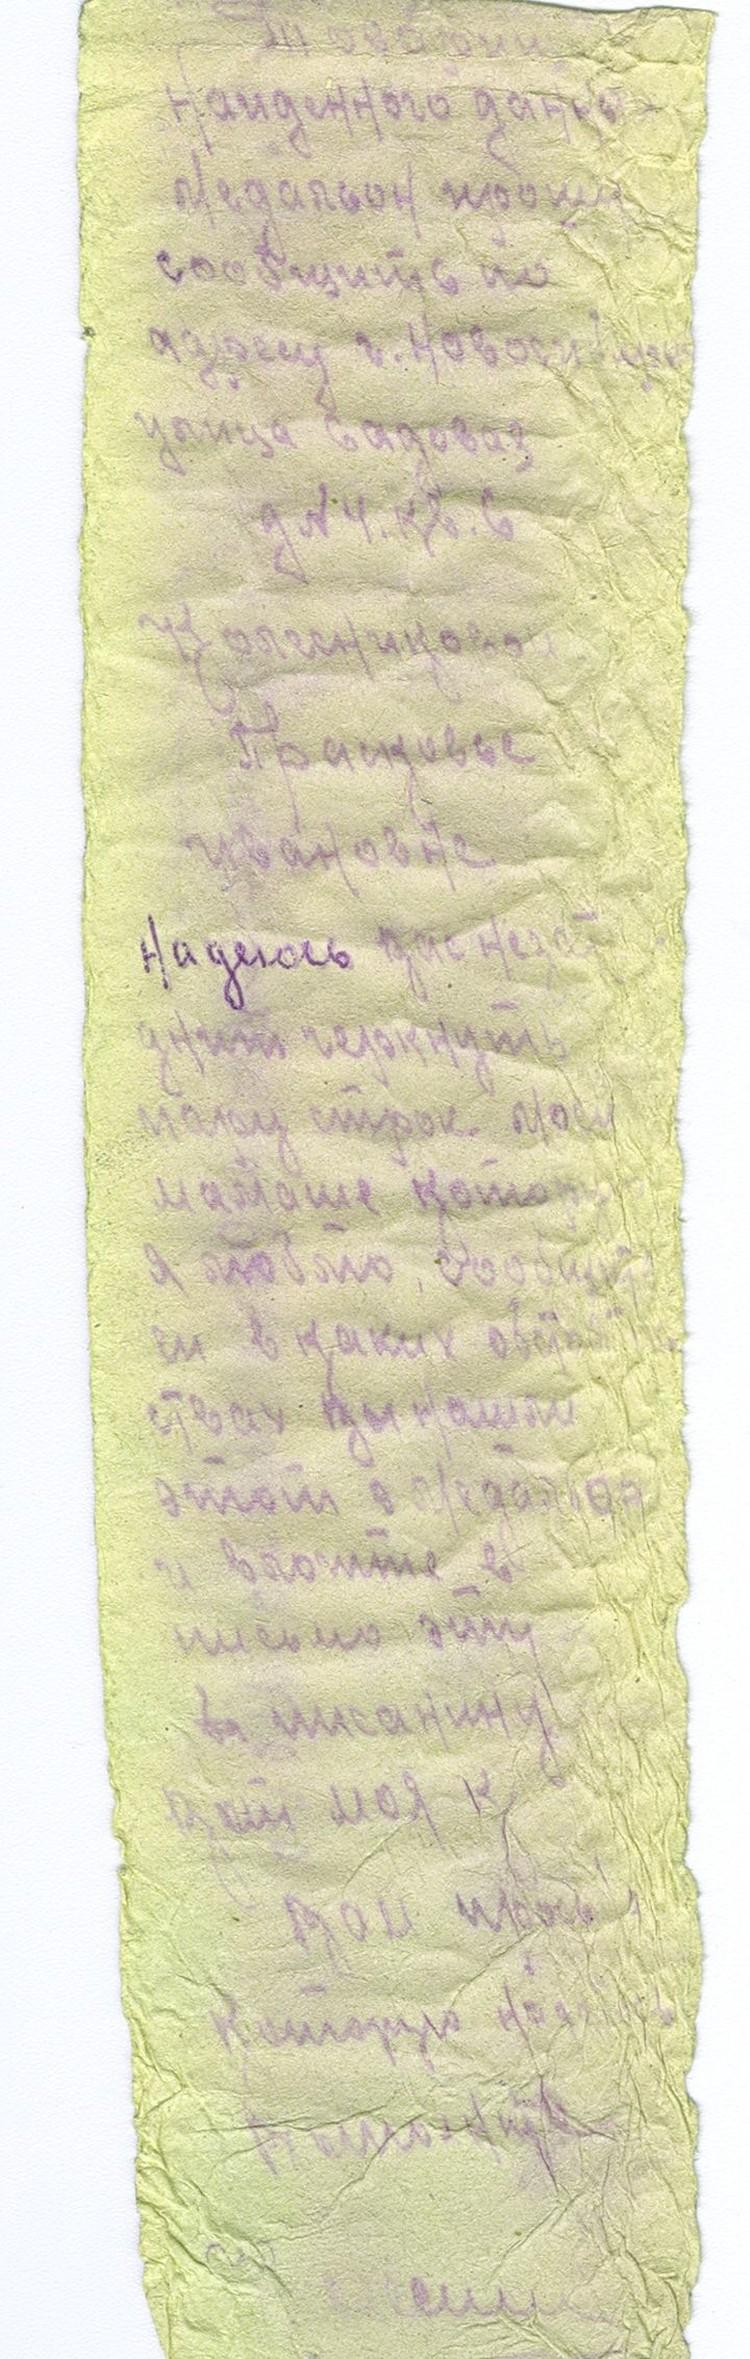 Прежде, чем погибнуть, сержант написал записку для матери.